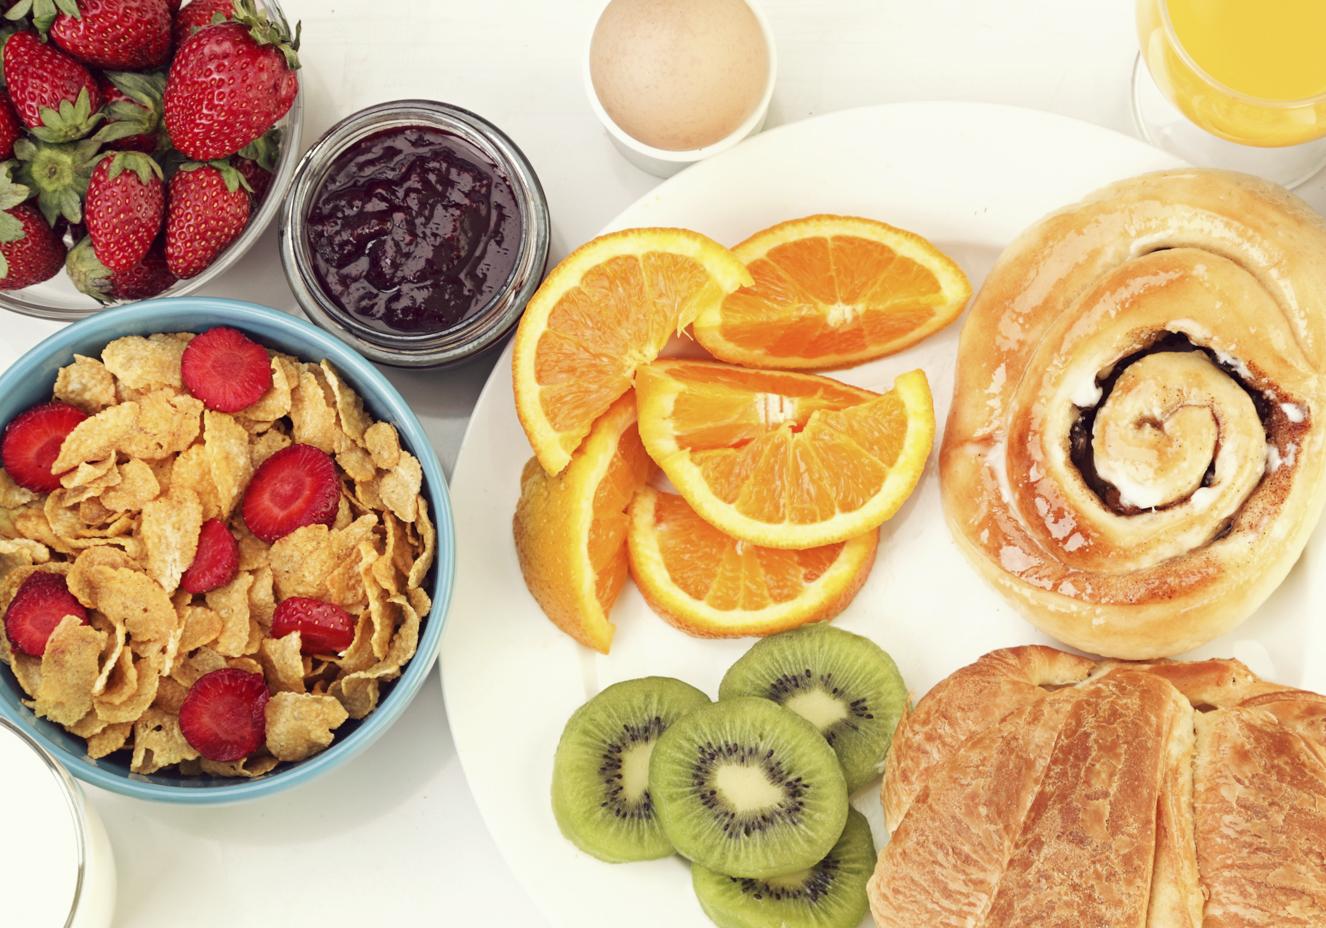 11 alimentos para o café da manhã que ajudam a emagrecer